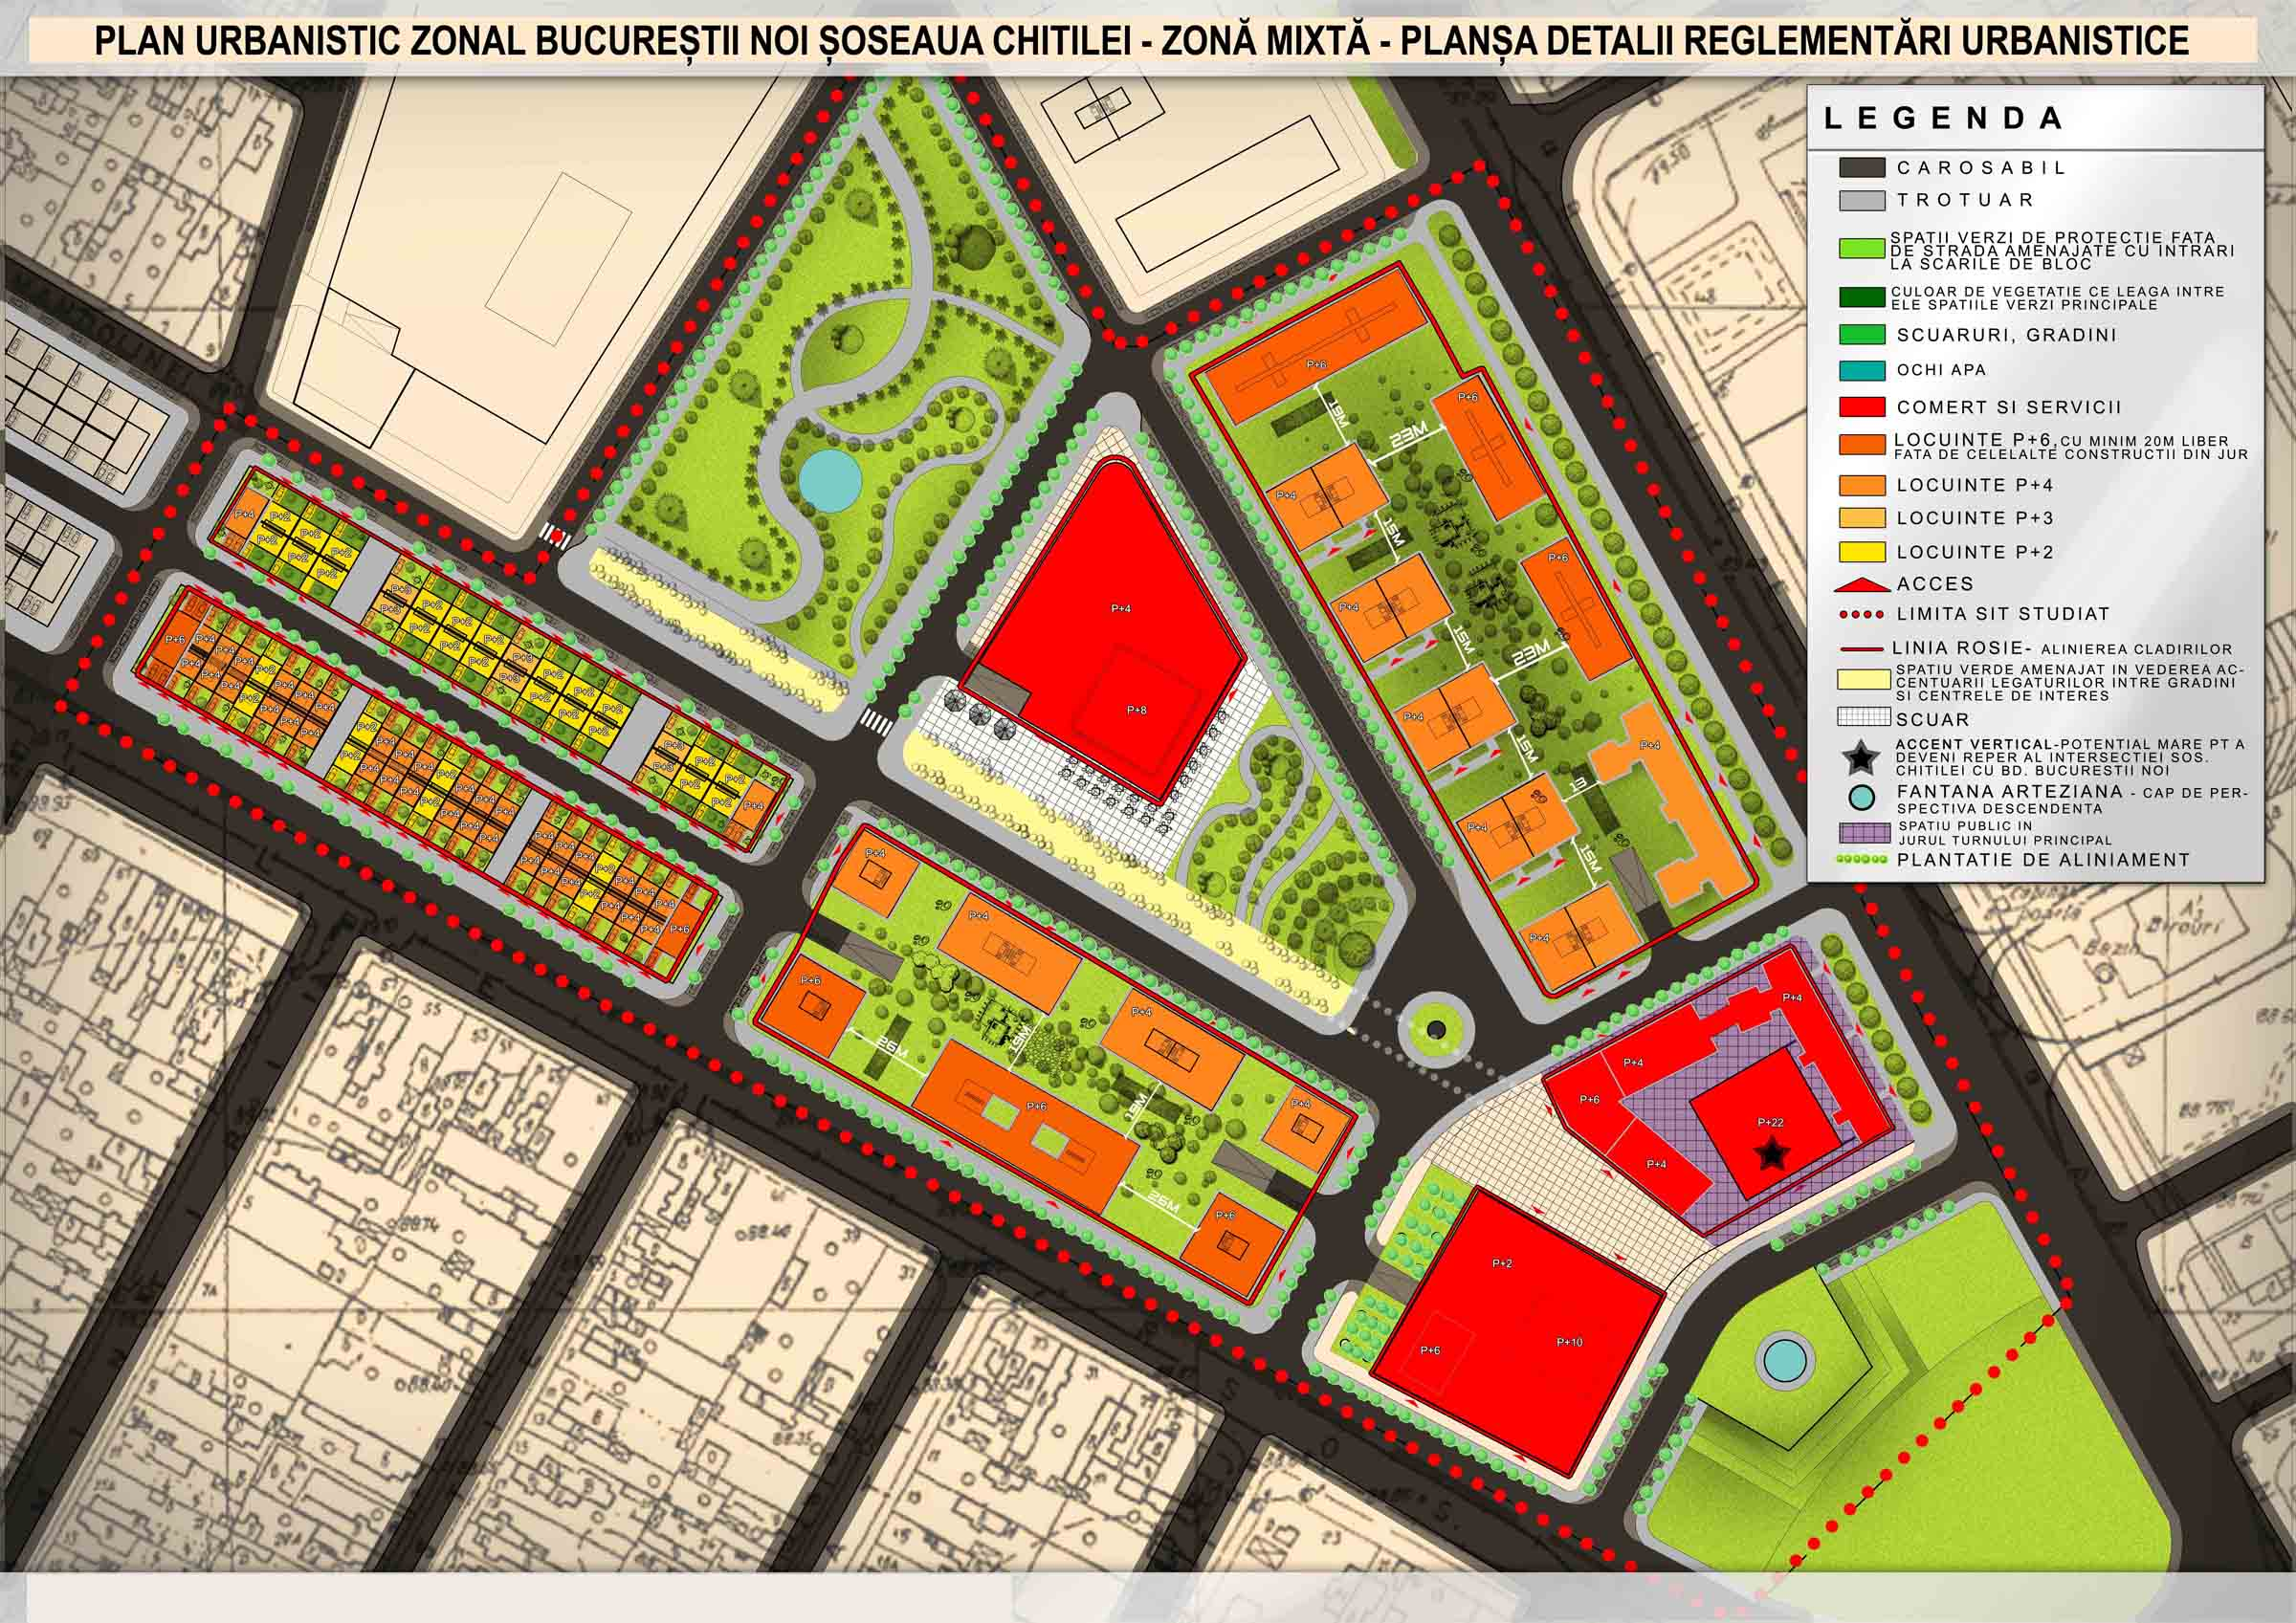 Plansa detalii urbanistice